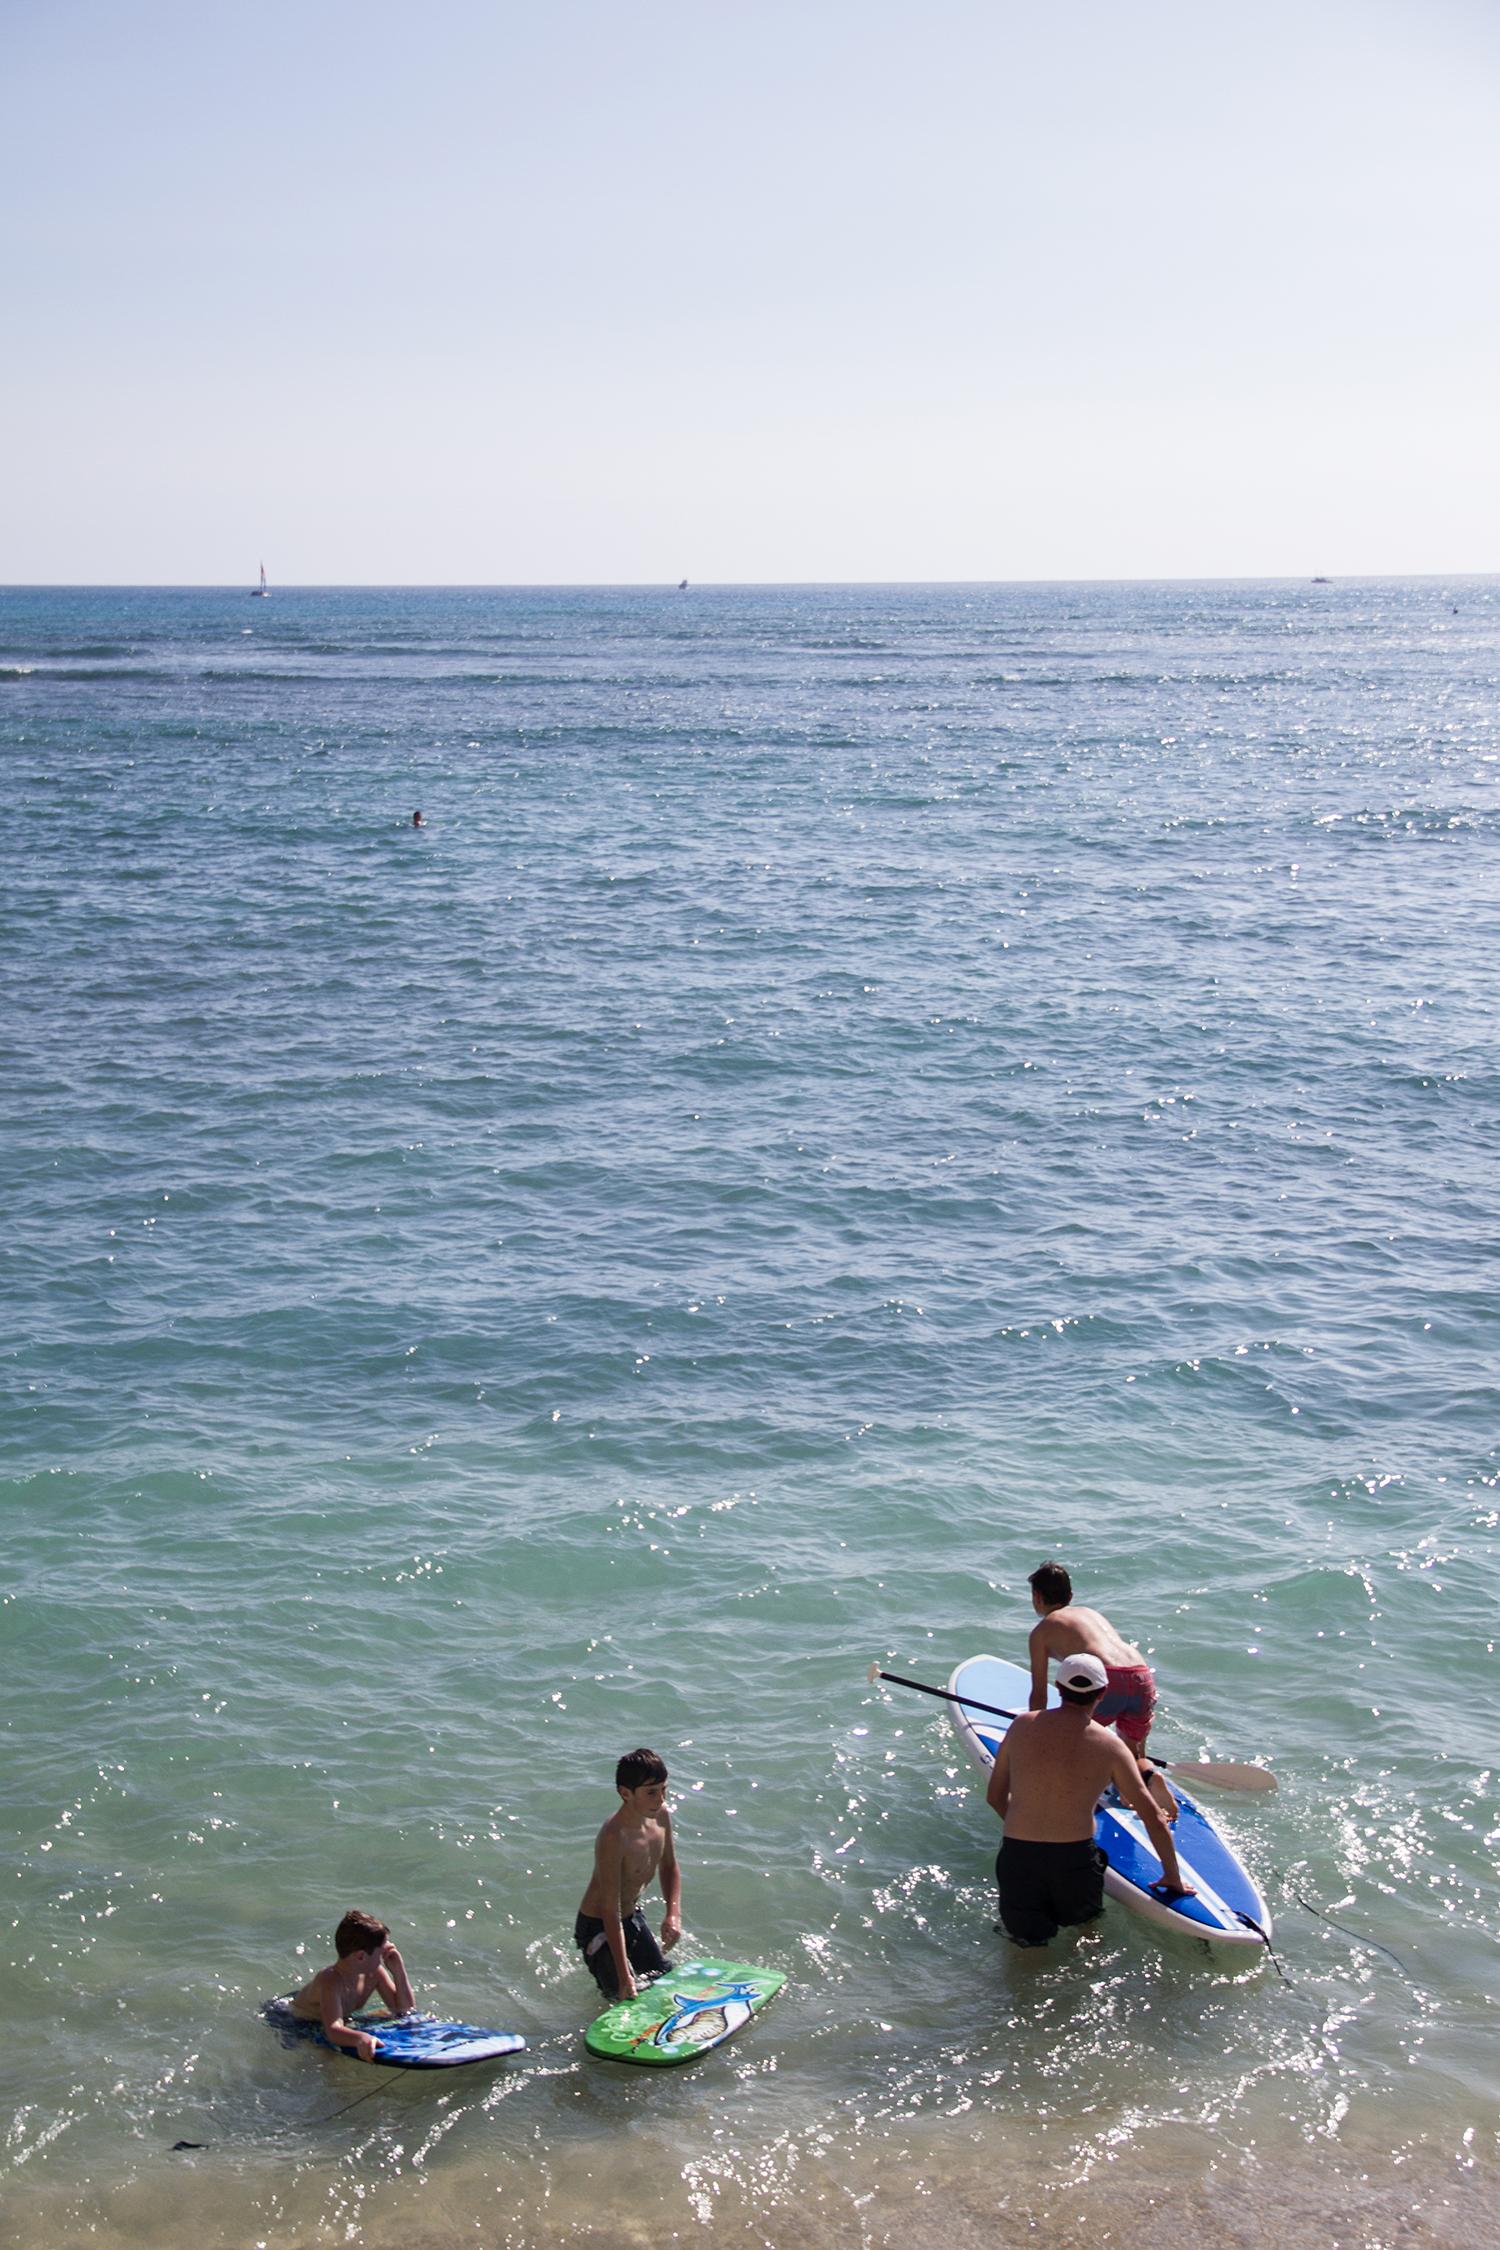 Family-friendly Waikiki Beach.